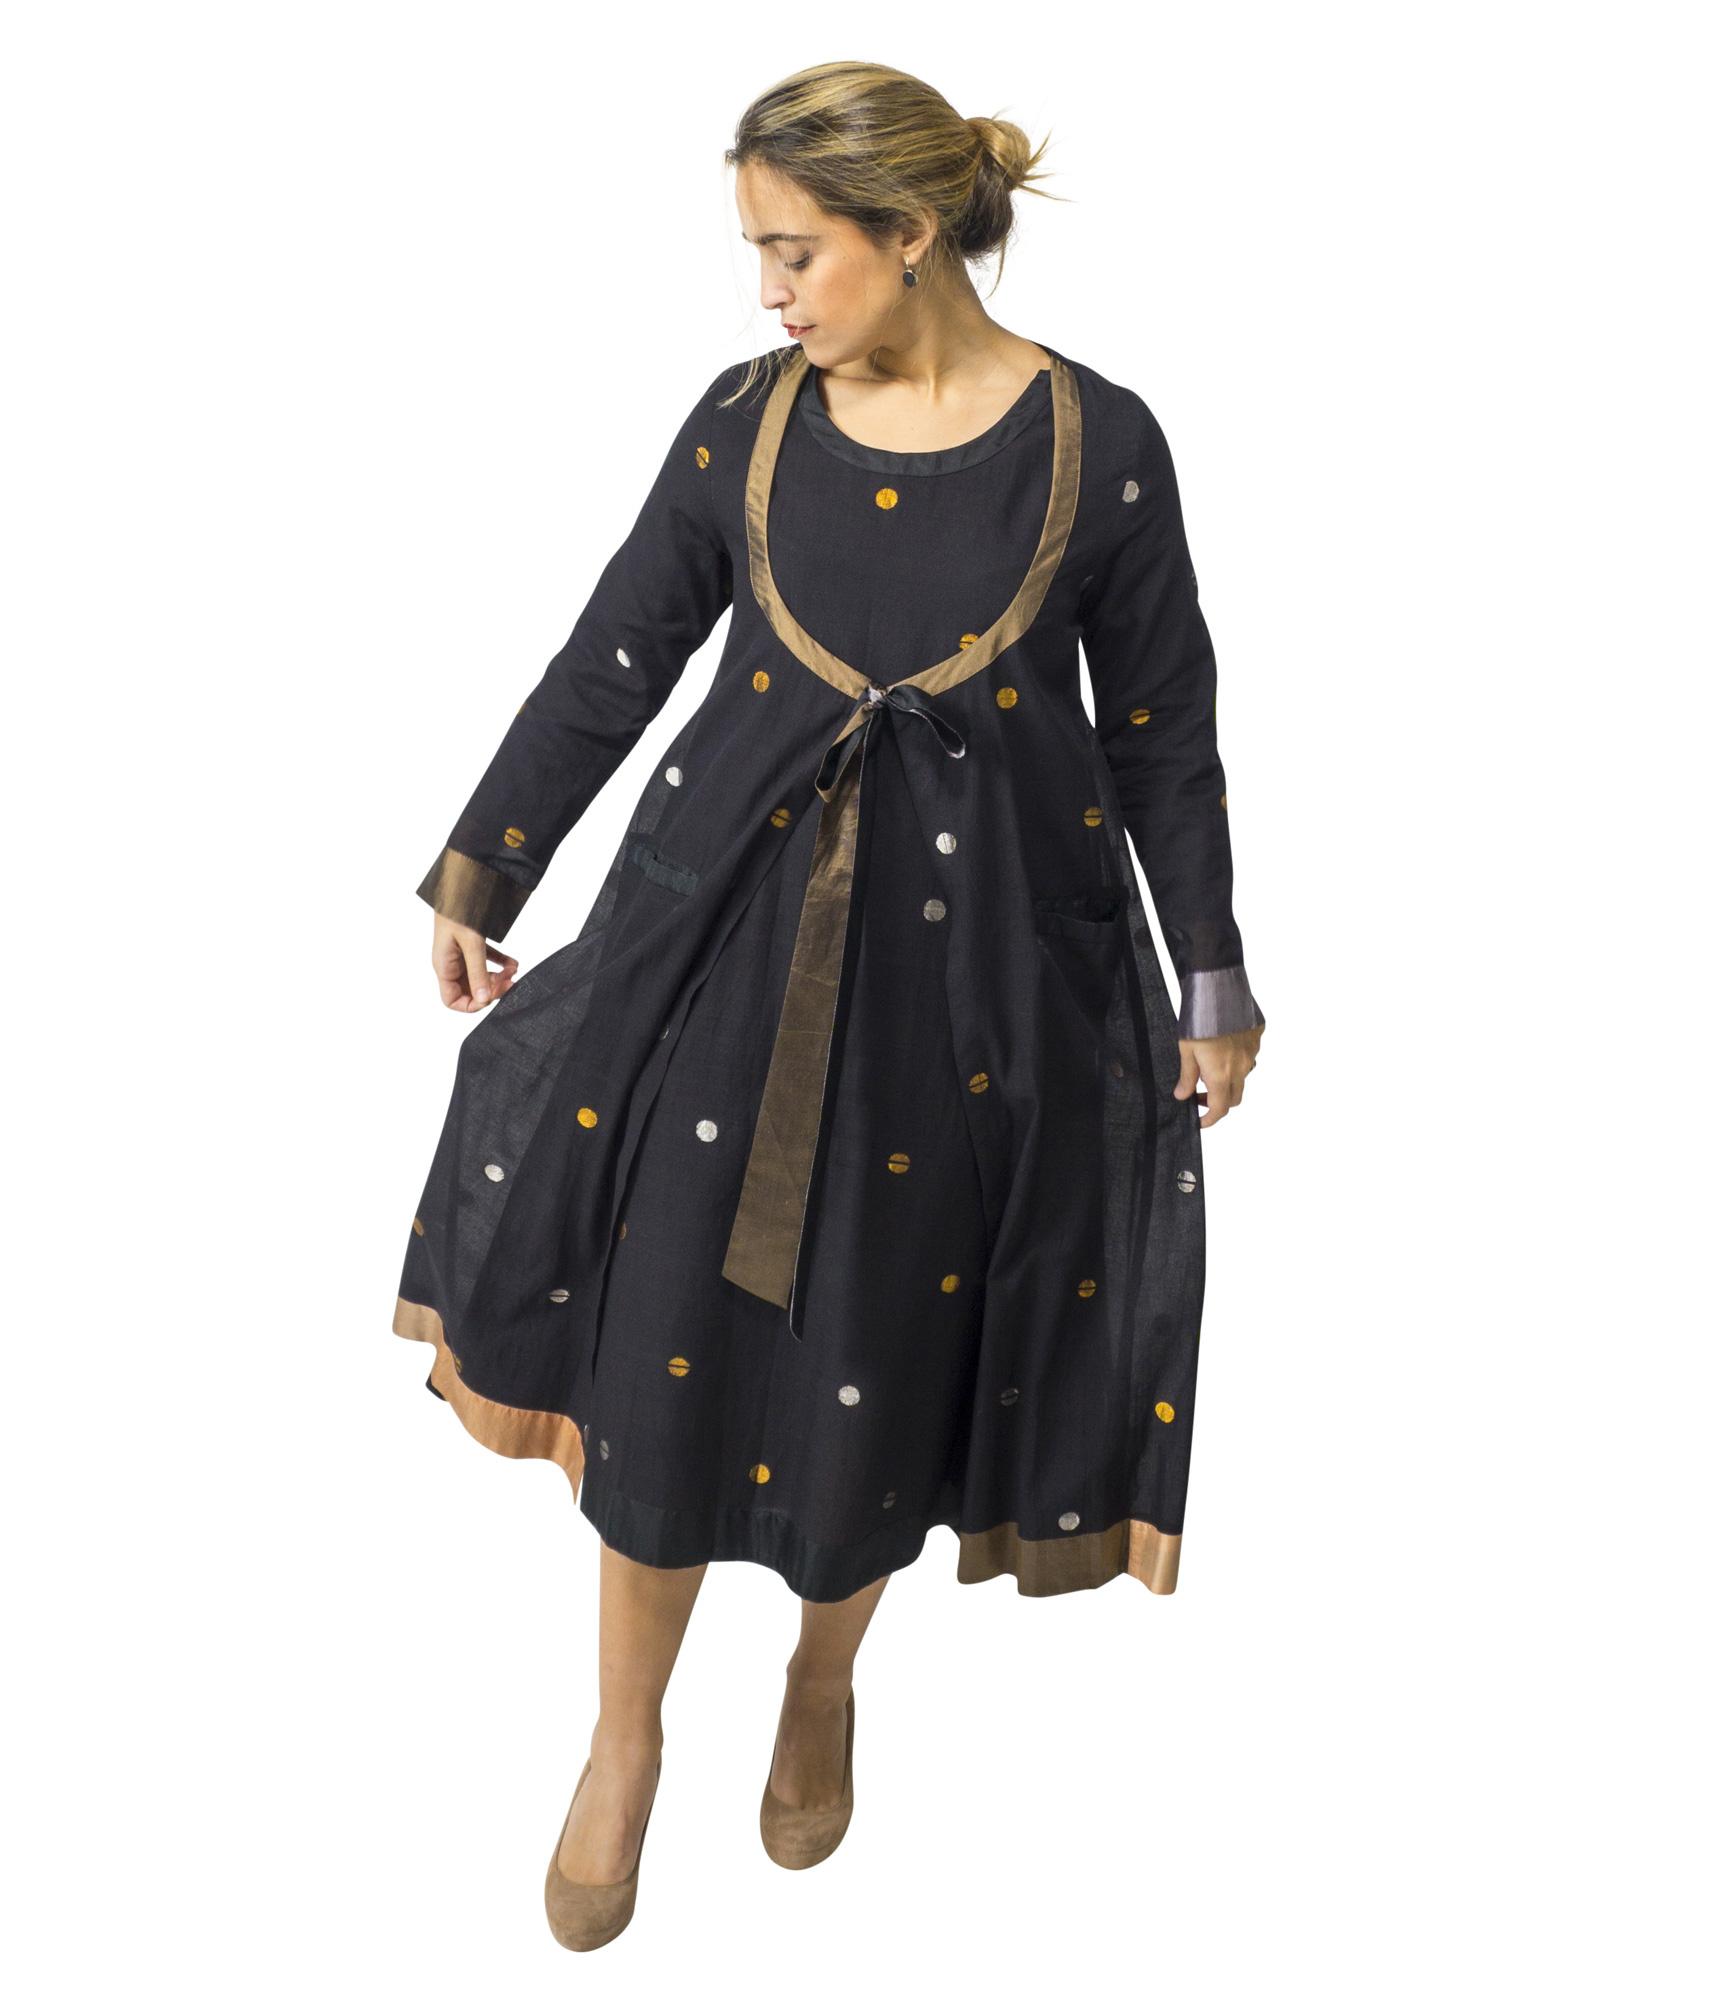 Zwarte jurk met goud en zilverdraad, katoen